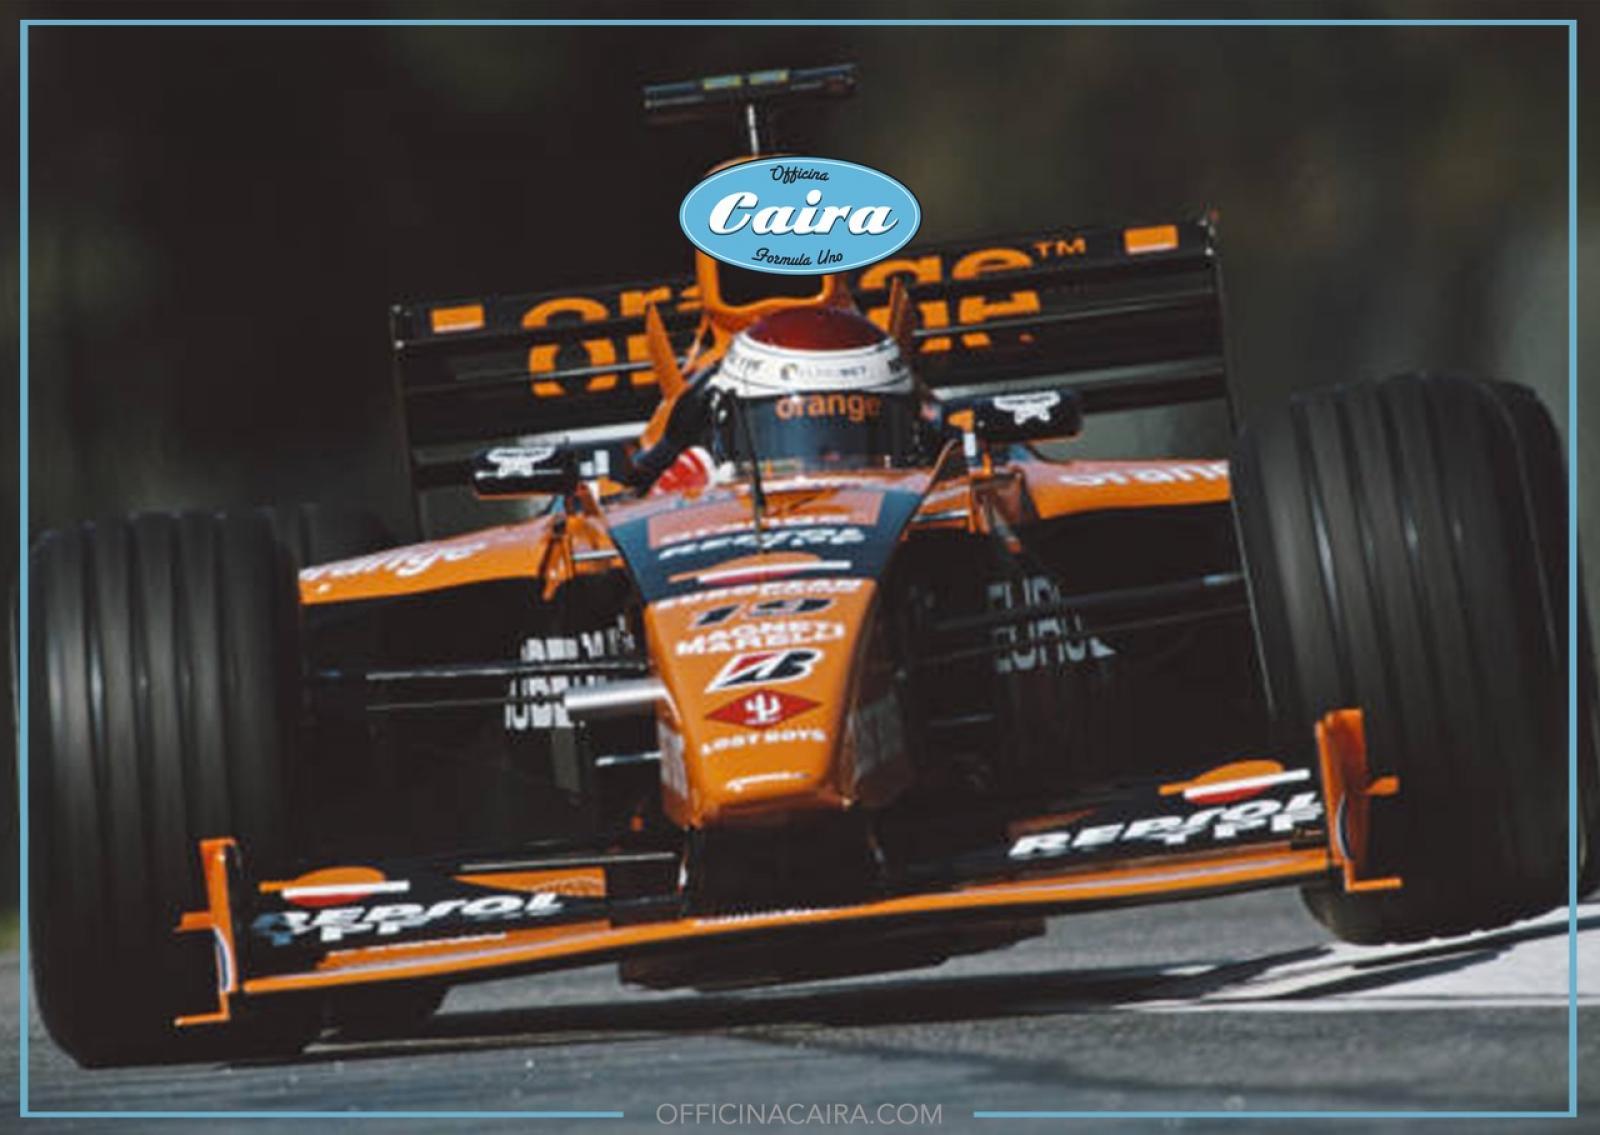 F1 ARROWS A21-02 - 2